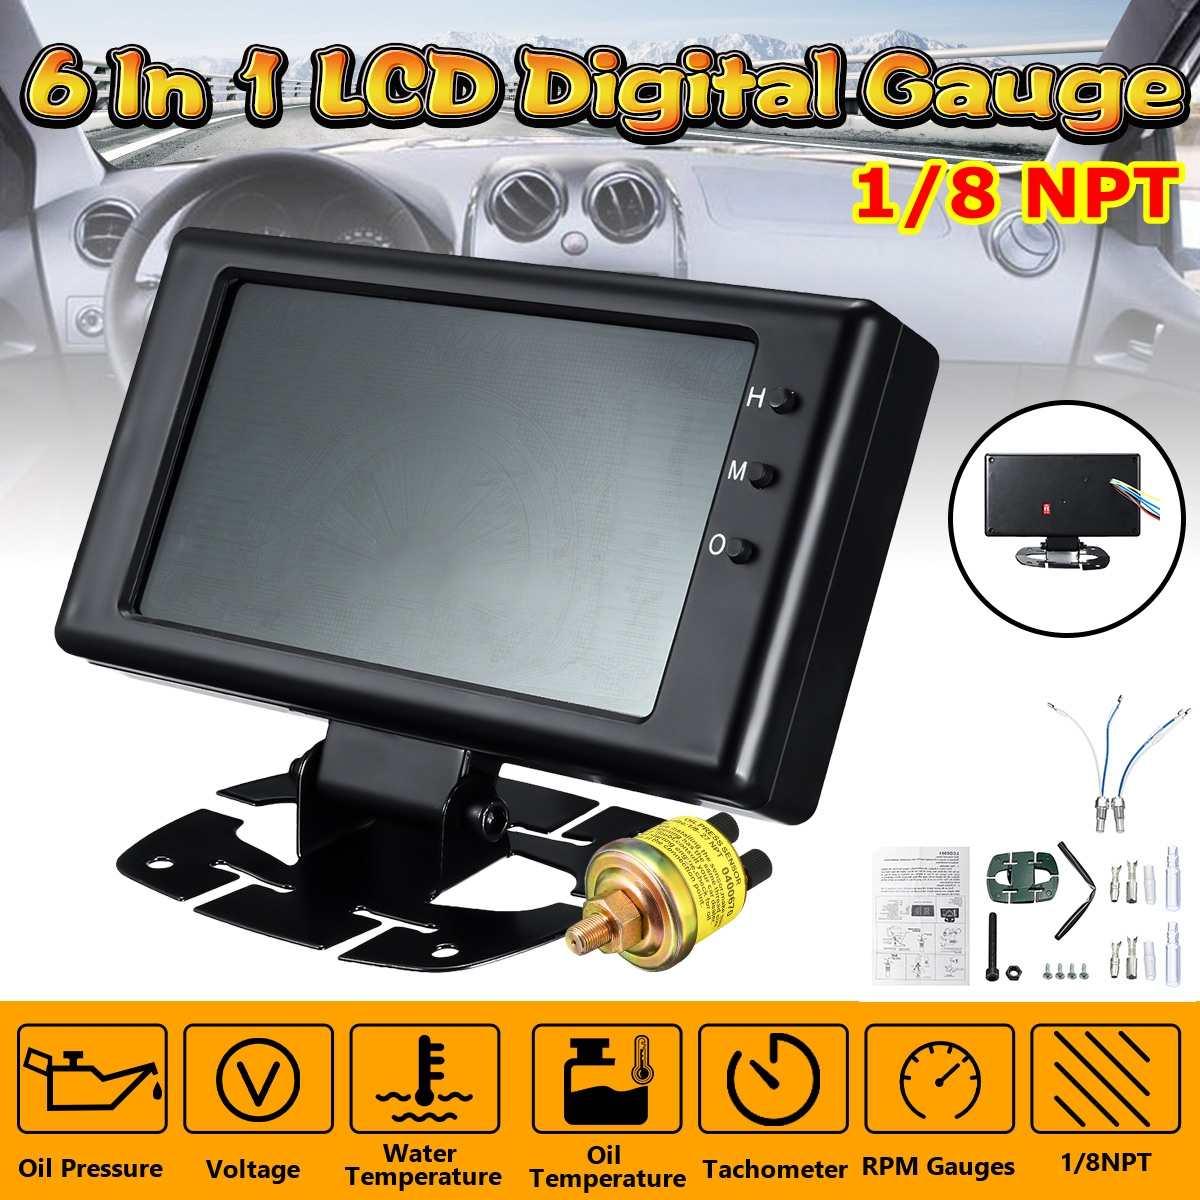 8-18V voiture 6 en 1 LCD jauge numérique pression d'huile tension température de l'eau température de l'huile tachymètre RPM Auto jauges